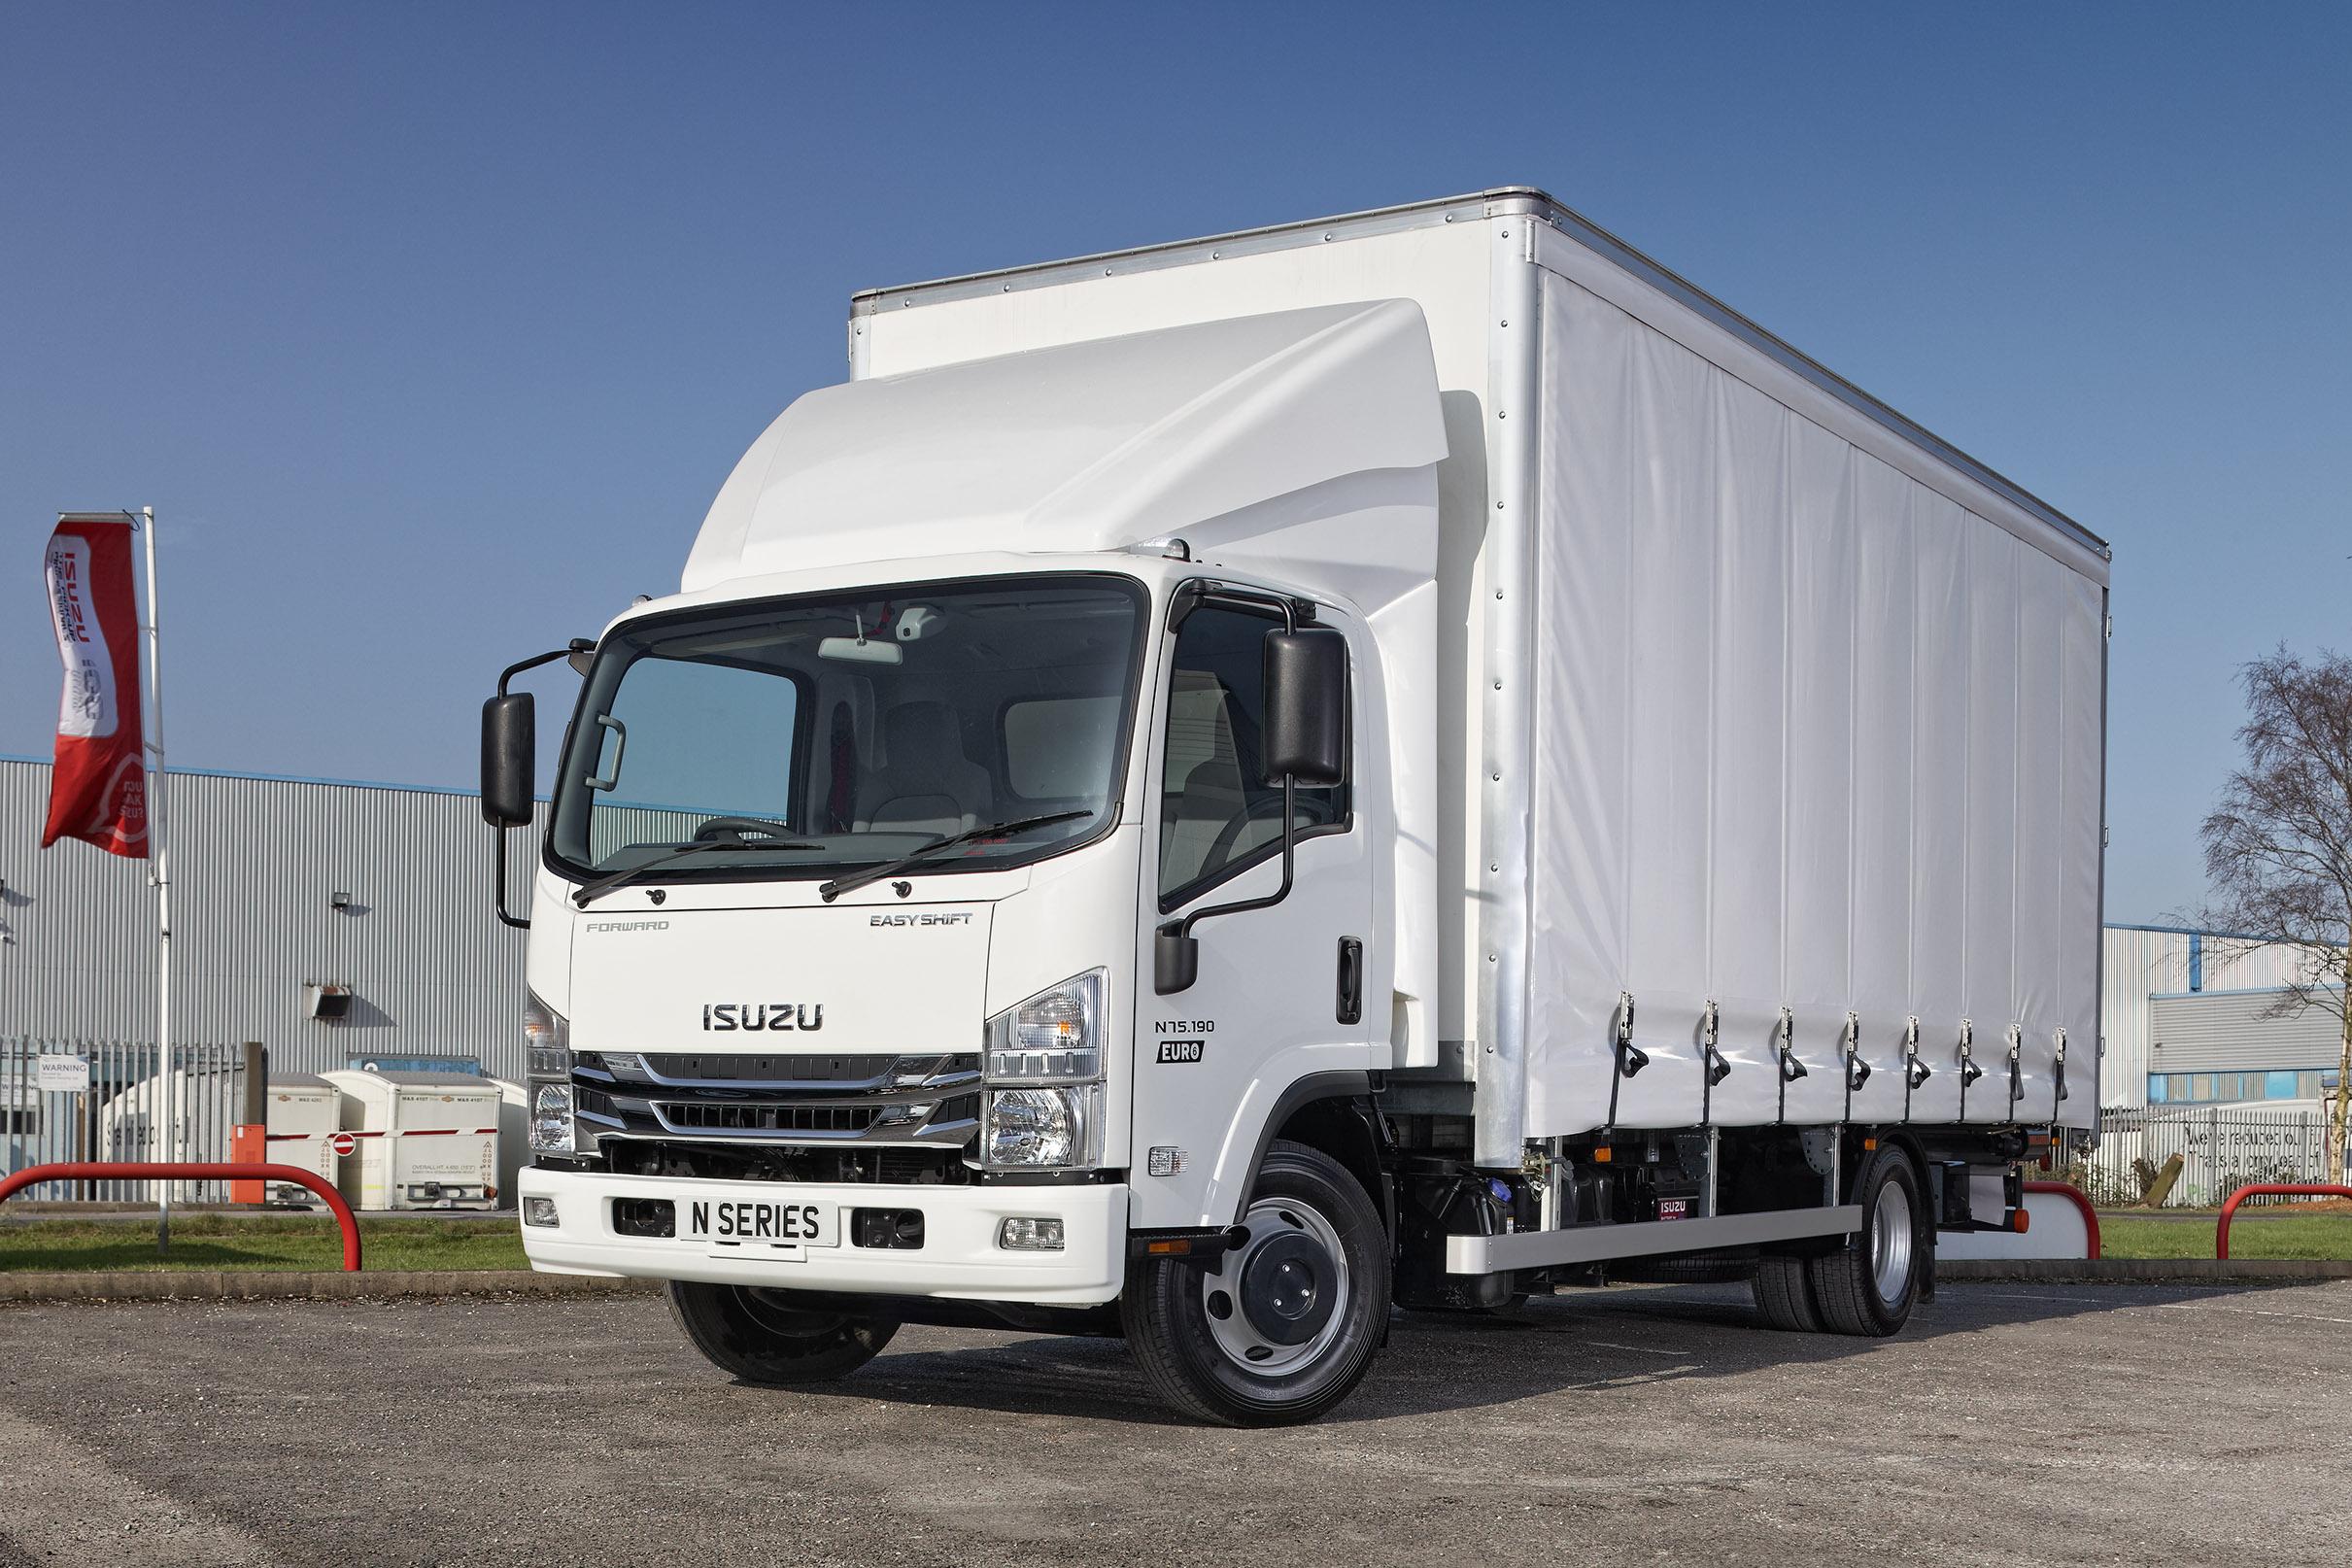 7.5 tonne Curtainsider Truck from Isuzu